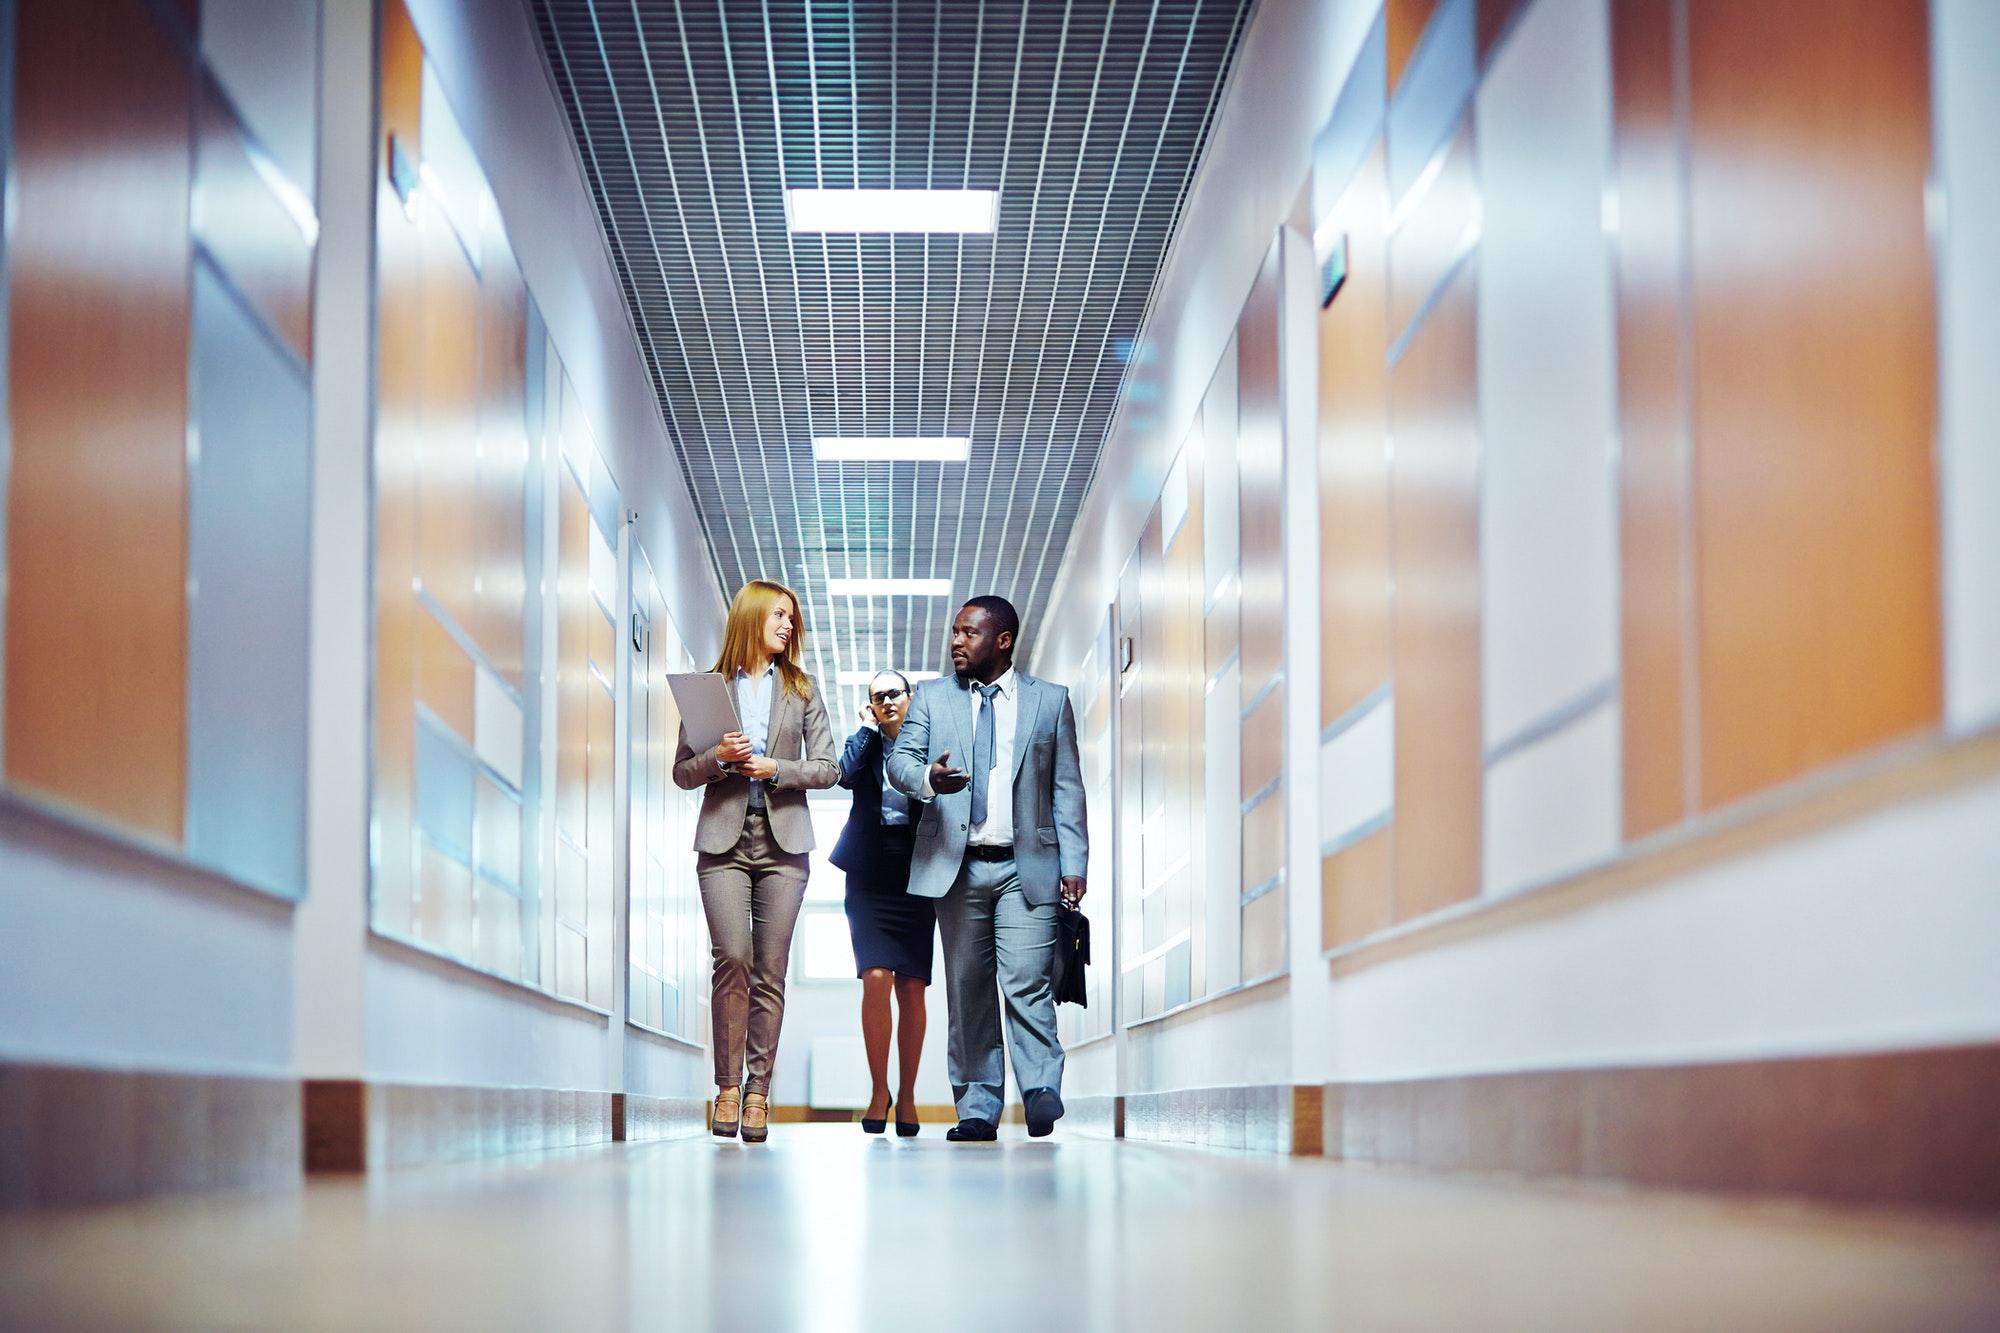 Et webbureau er et firma, der arbejder med online kommunikation og digital markedsføring